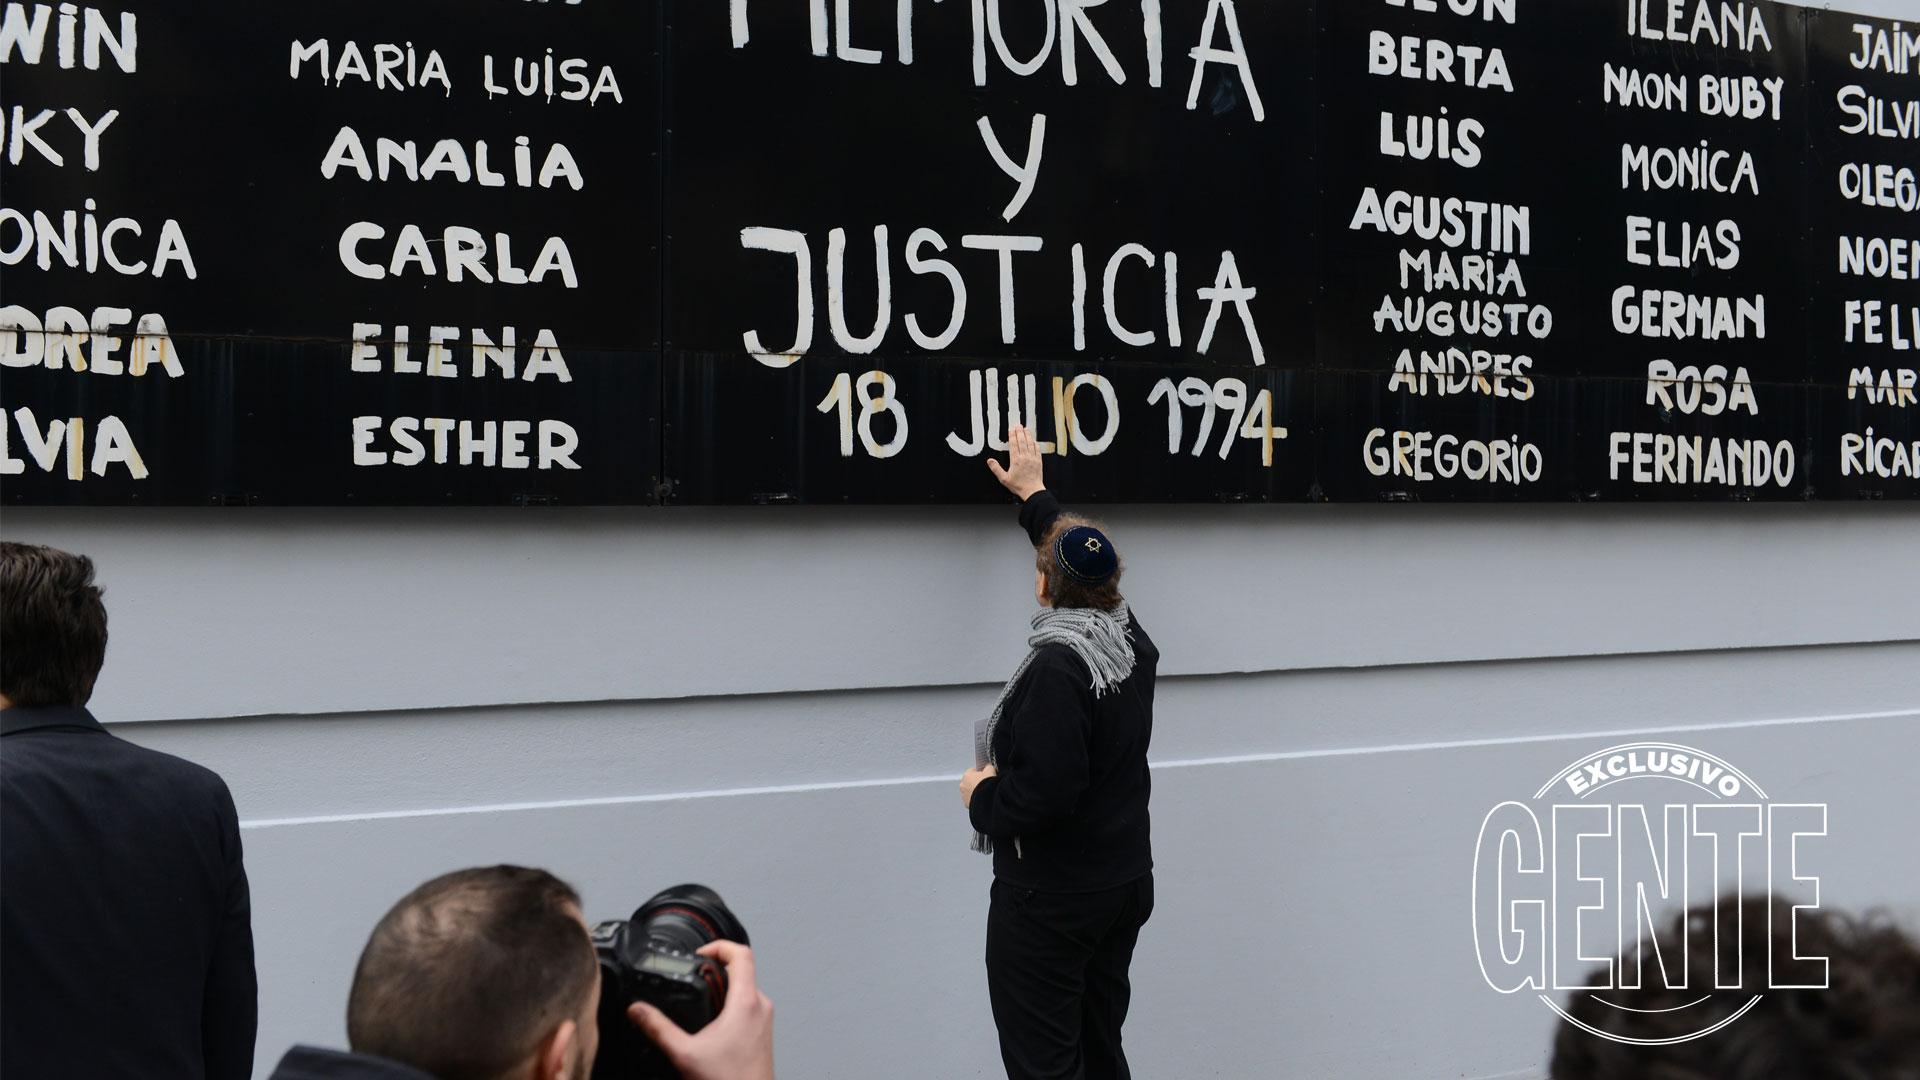 El pedido de Memoria, Verdad y Justicia frente a la sede de la AMIA y los nombres de las 85 víctimas. Foto: Julio César Ruiz/GENTE